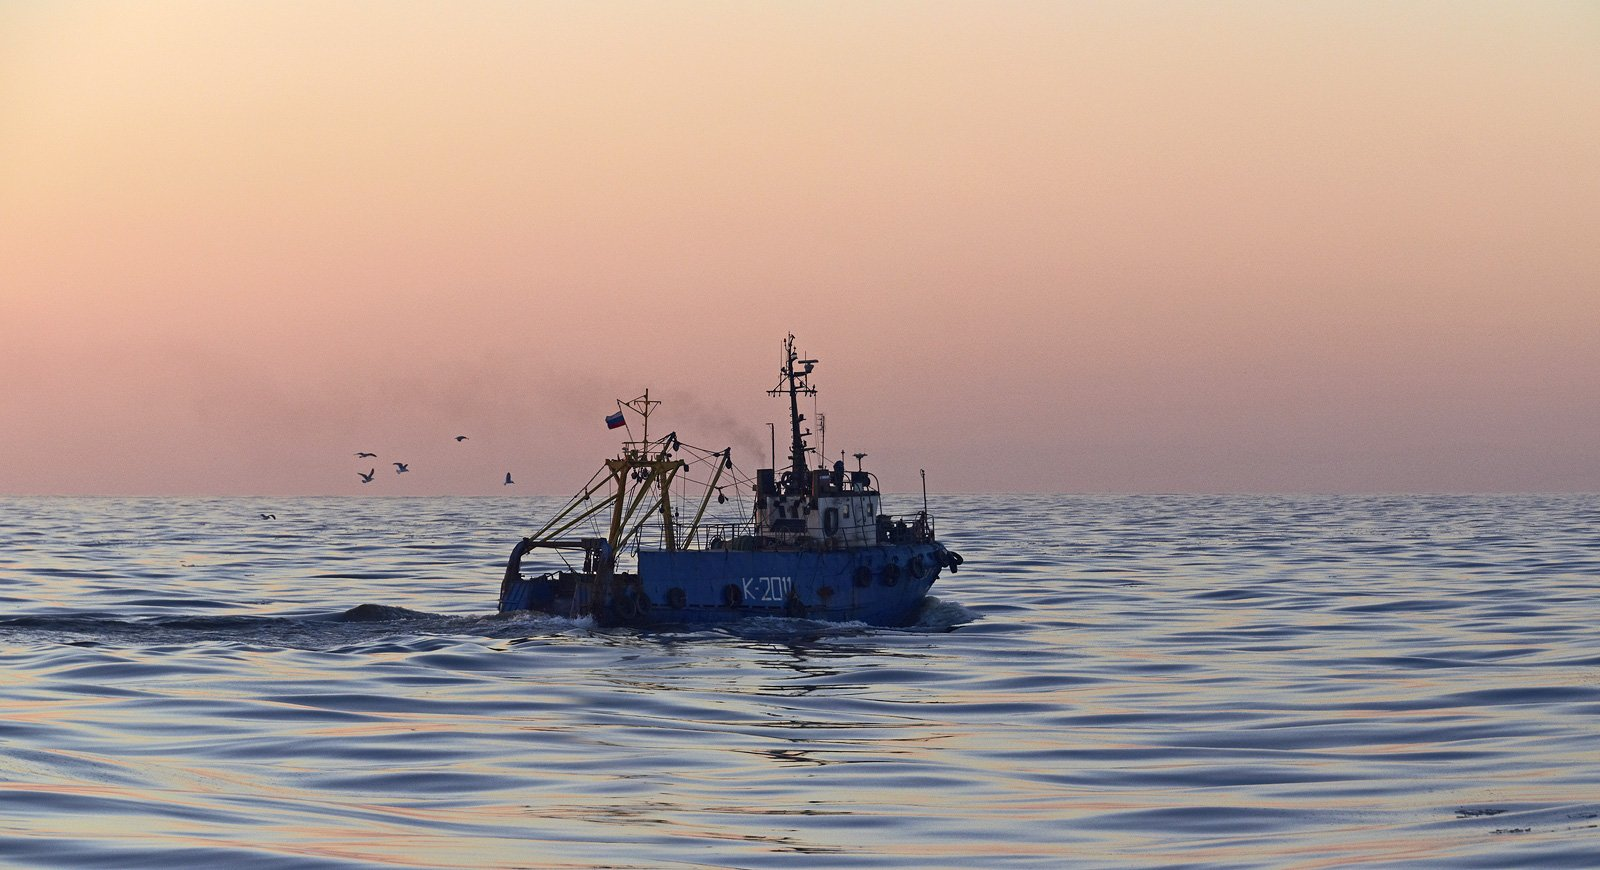 рисунков всемирной фотографии промысловых судов в море символизирует отчий дом